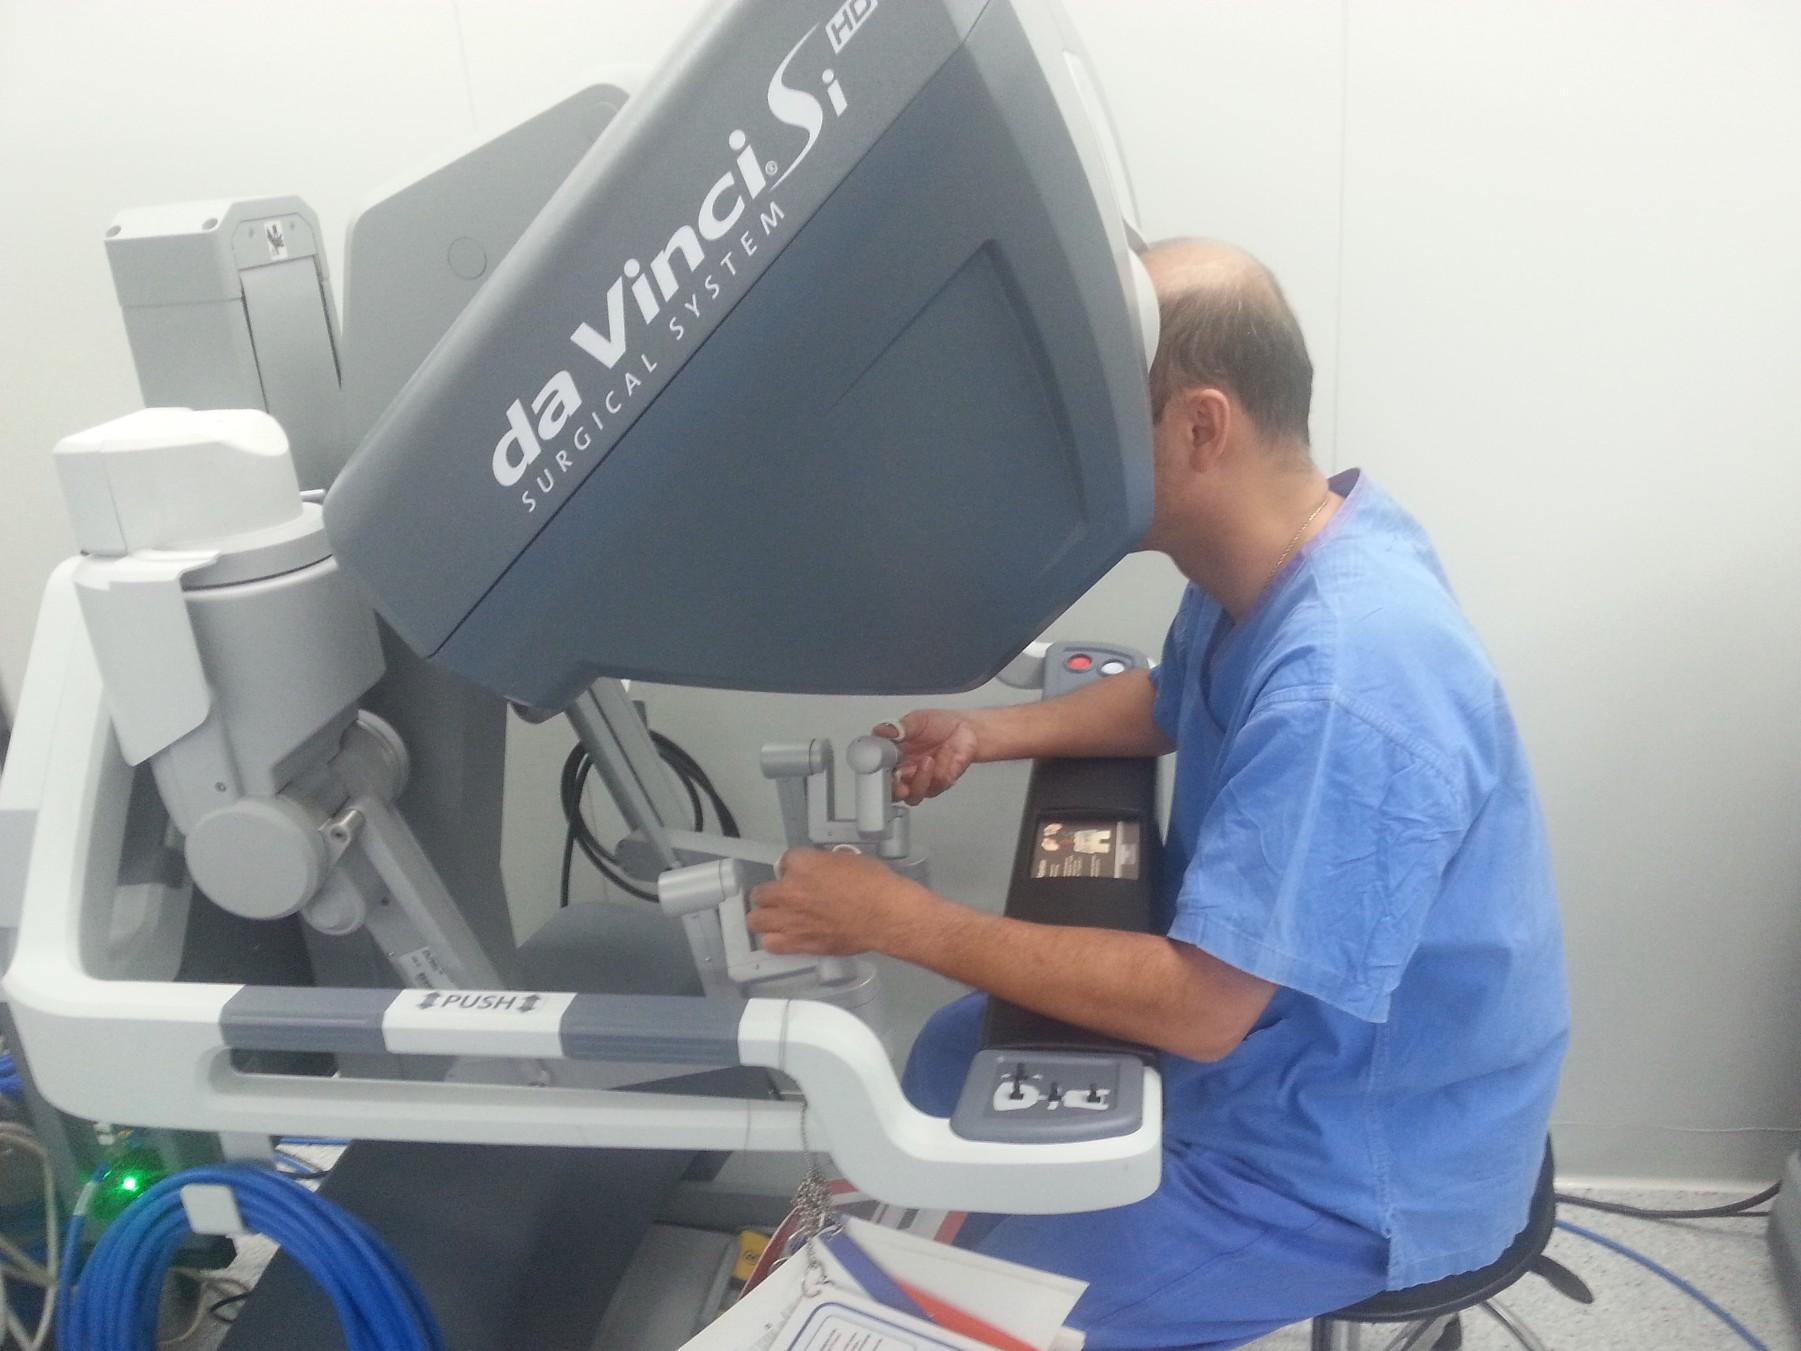 Các bệnh - Bệnh viện Chợ Rẫy triển khai phẫu thuật robot hiện đại nhất